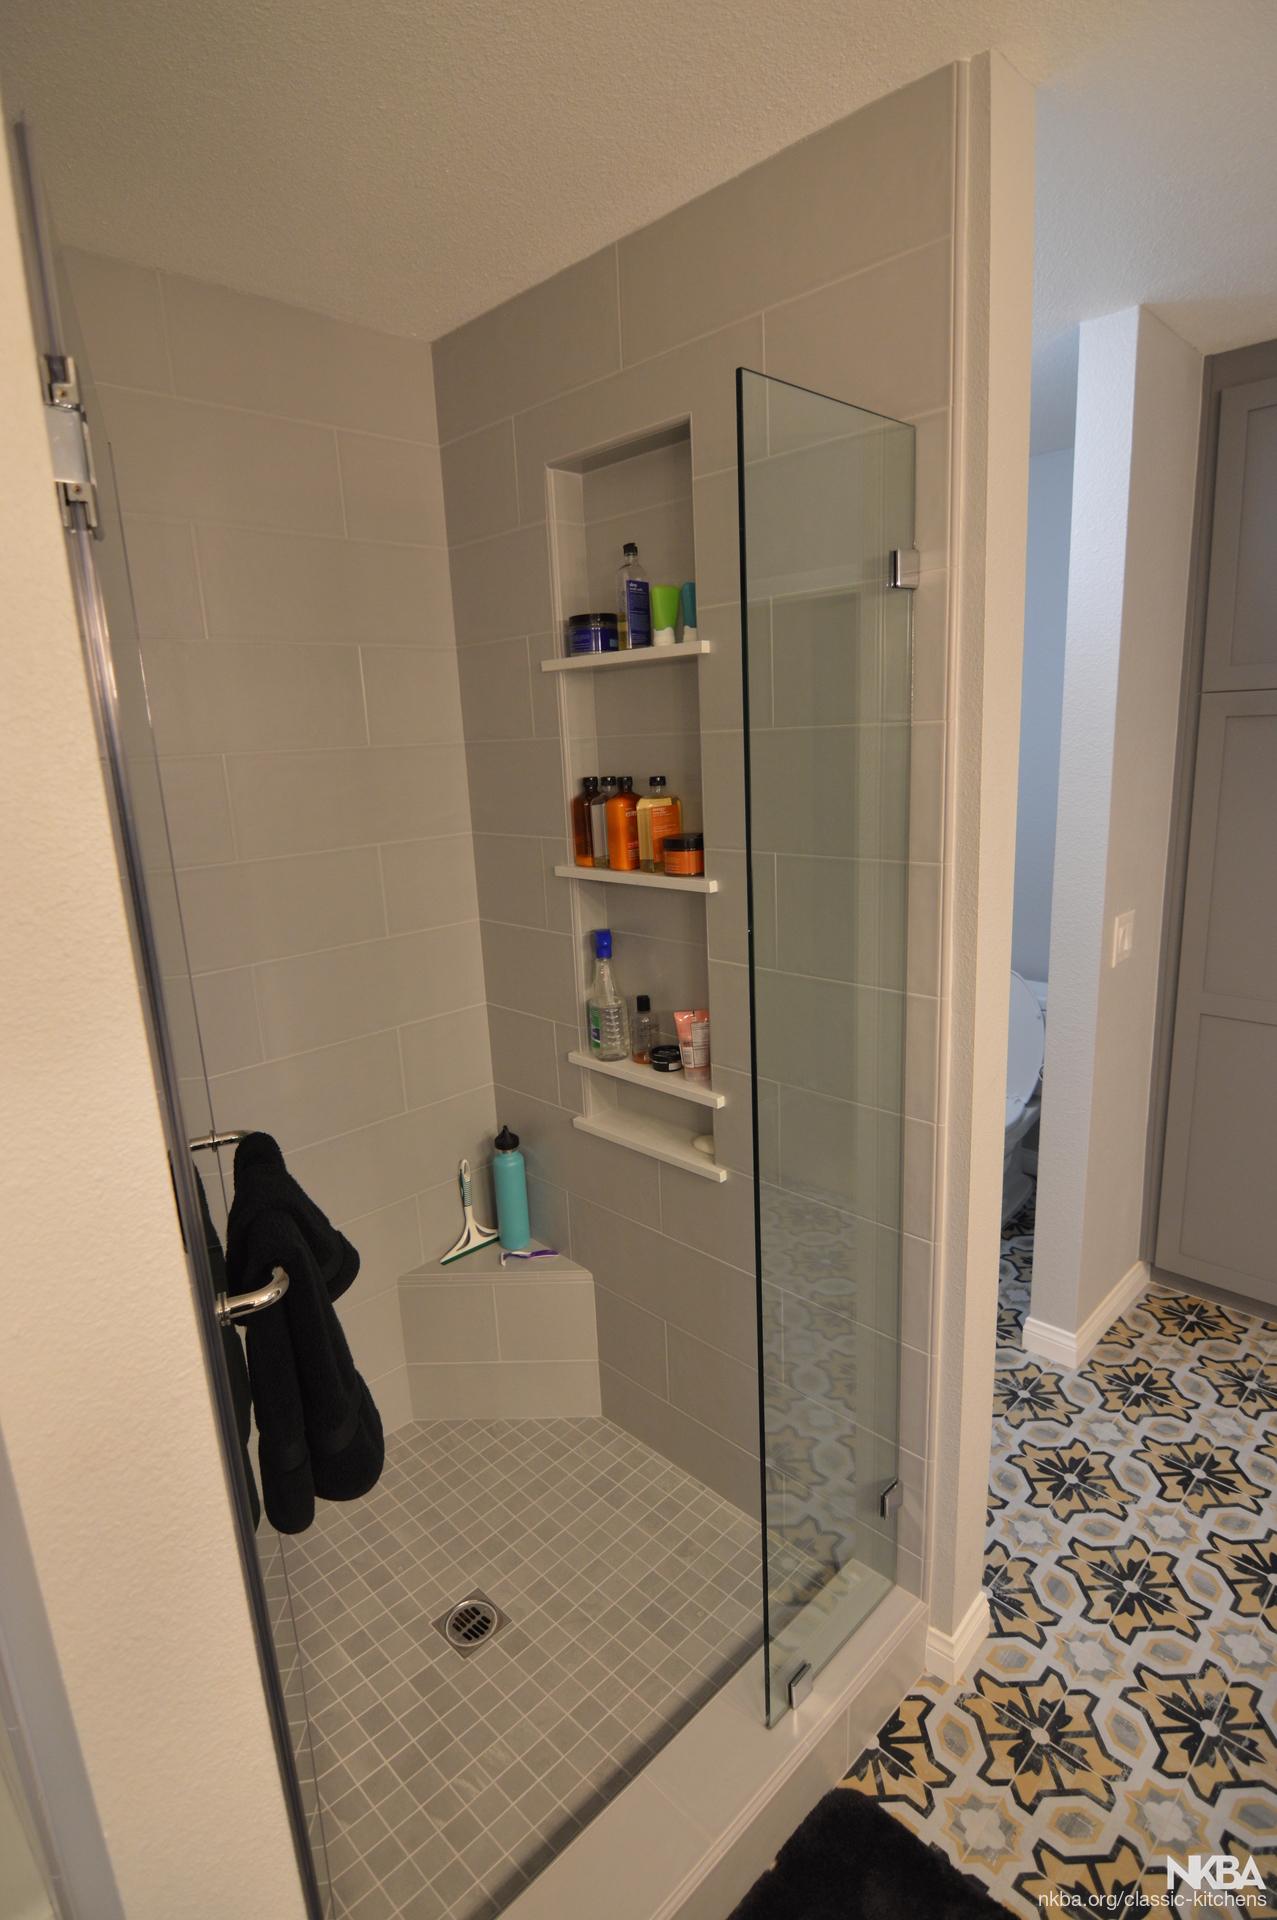 Villa Park Ca Eclectic Master Bathroom Remodel Nkba